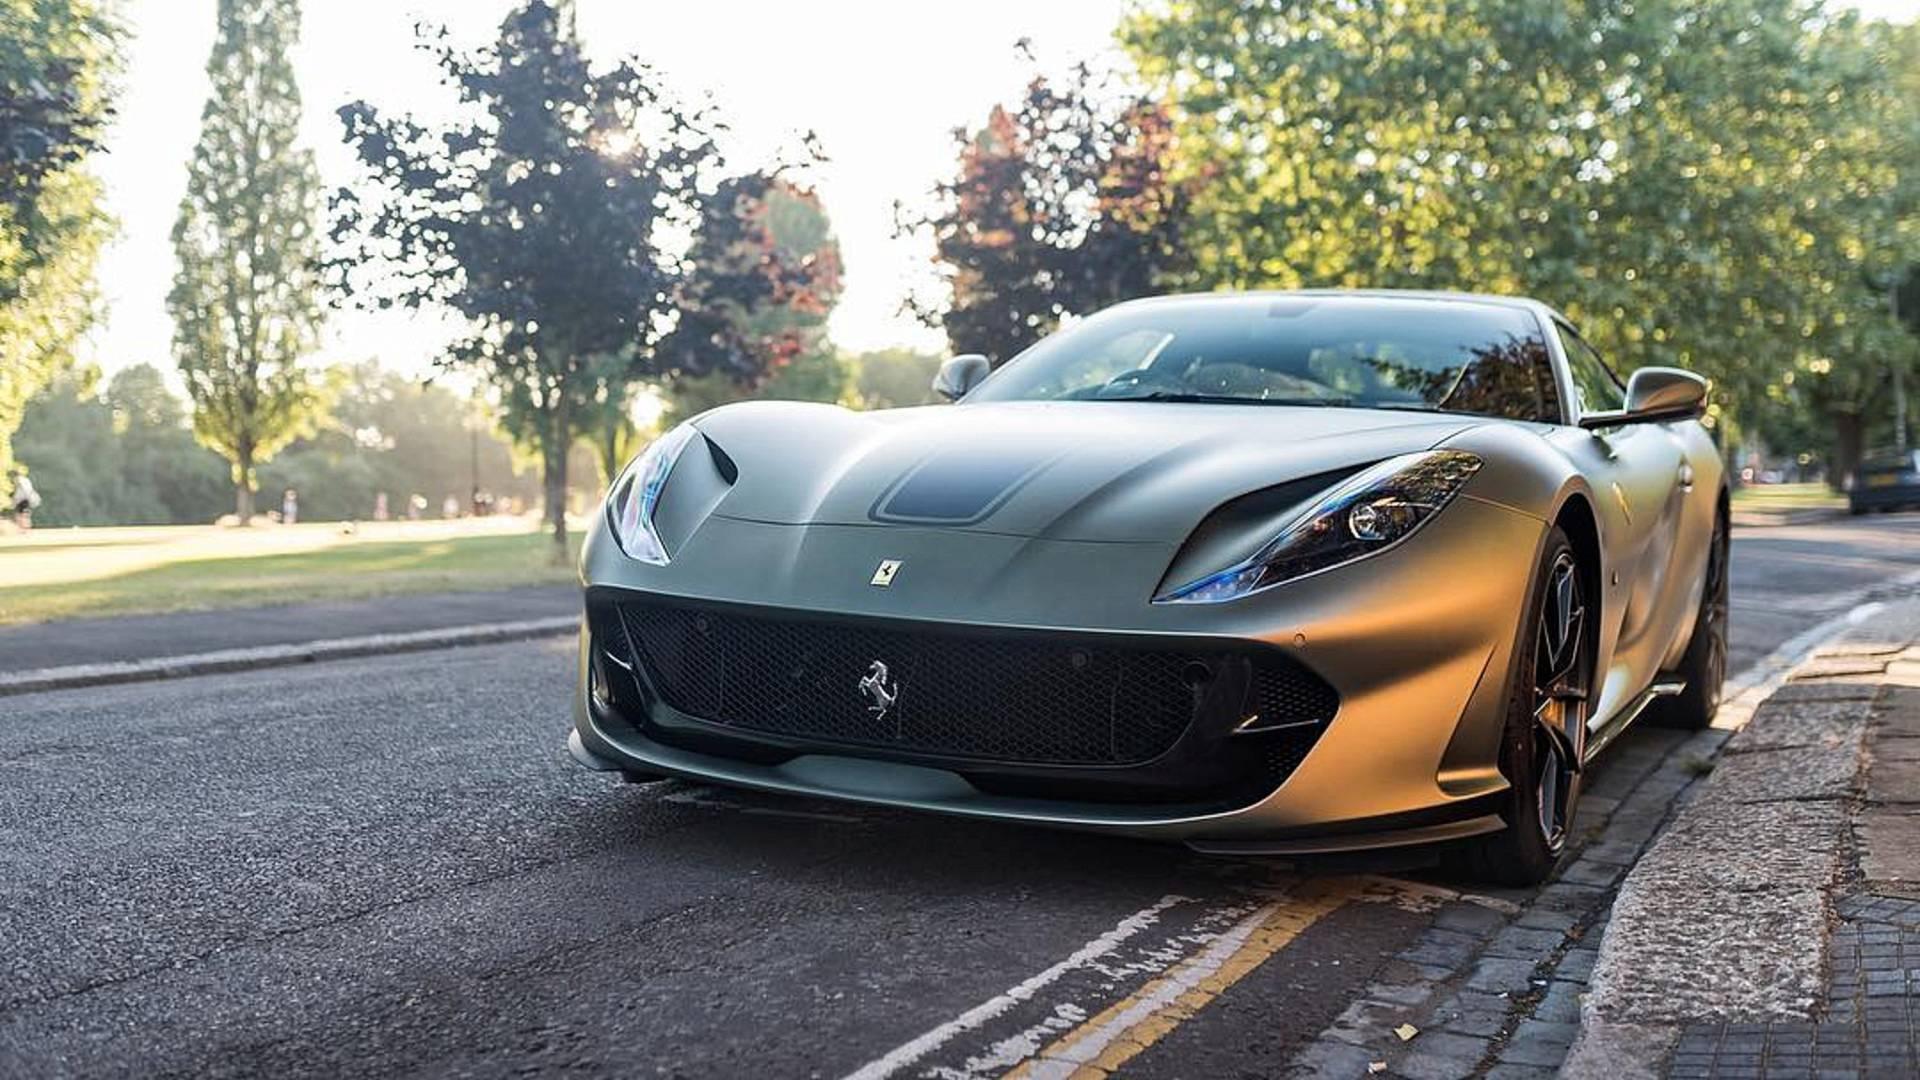 Gordon Ramsay S New Ferrari Came As A Surprise